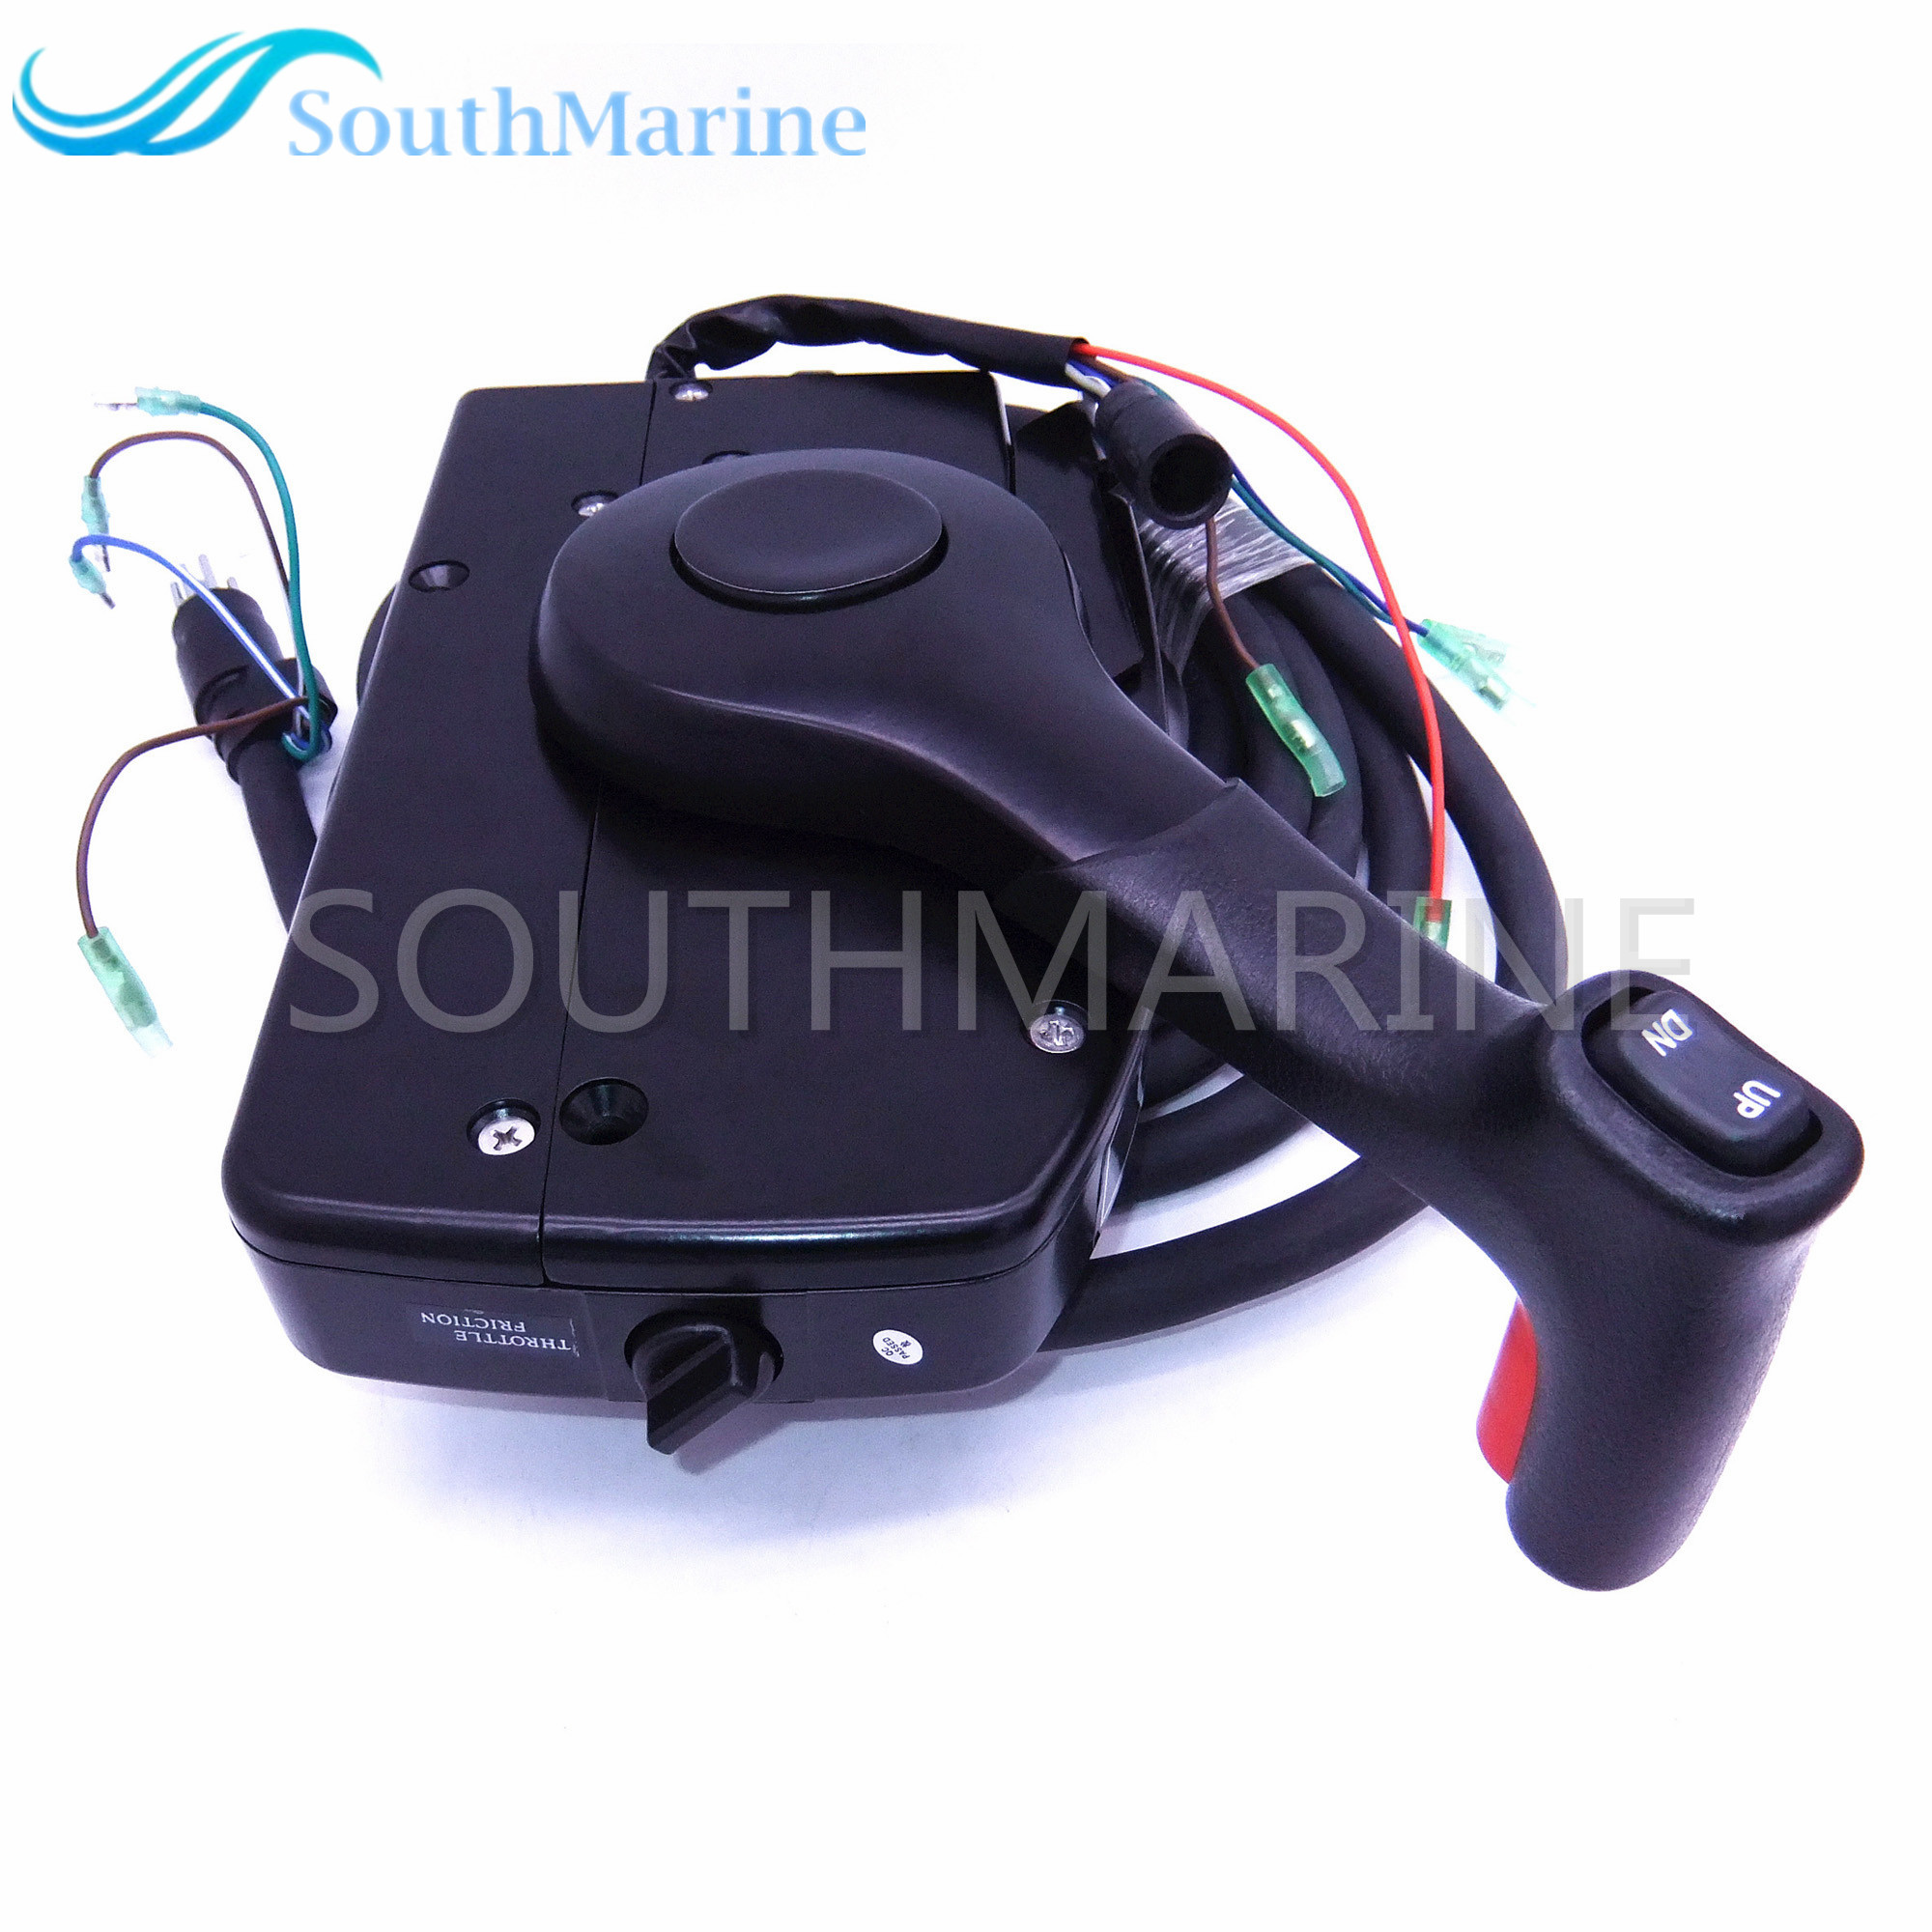 NEW Mercury Outboard Quicksilver side mount remote control box 881170A13